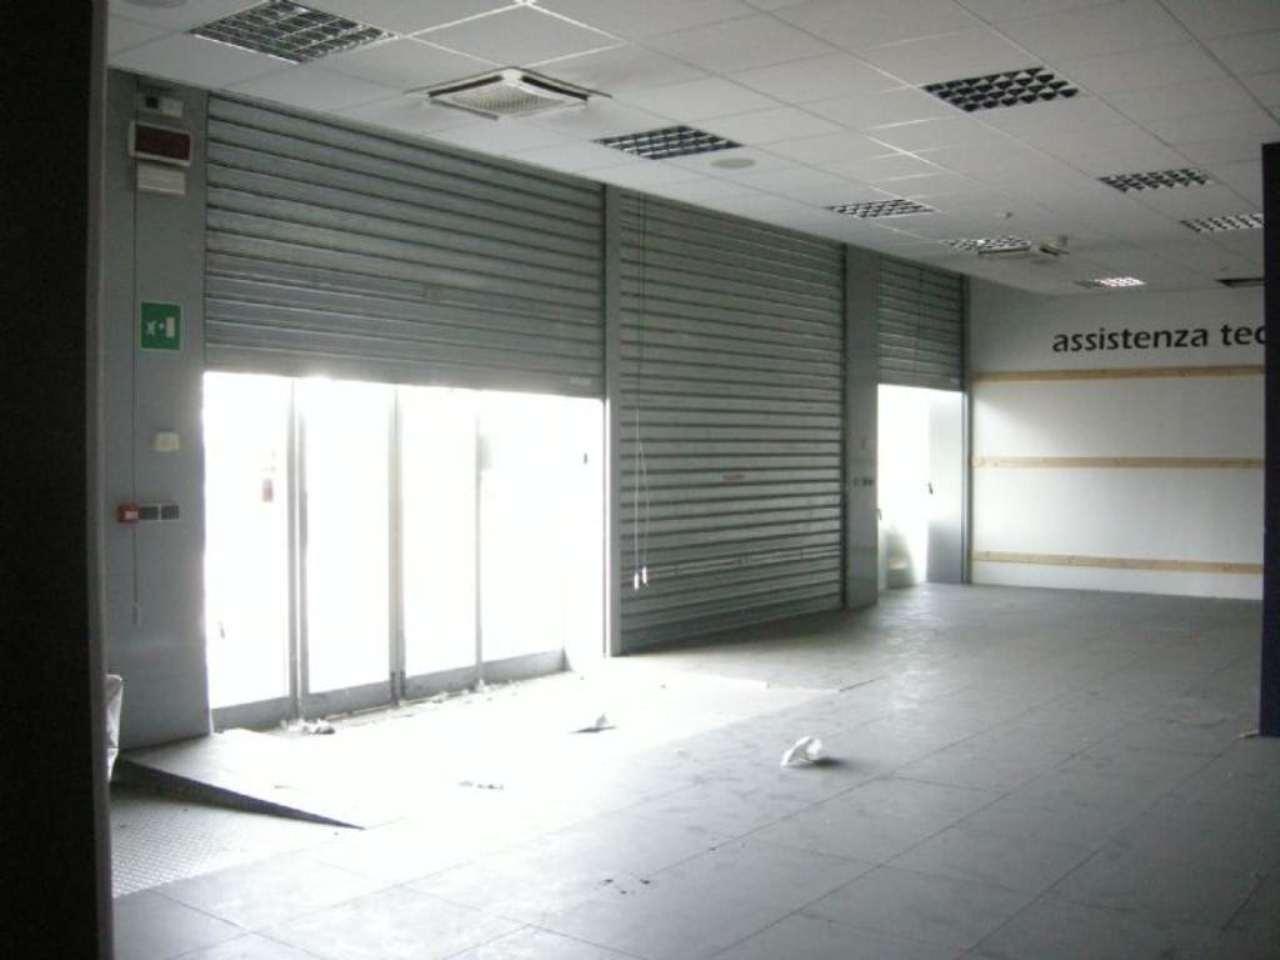 Negozio / Locale in vendita a Cernusco sul Naviglio, 9999 locali, prezzo € 1.100.000 | PortaleAgenzieImmobiliari.it